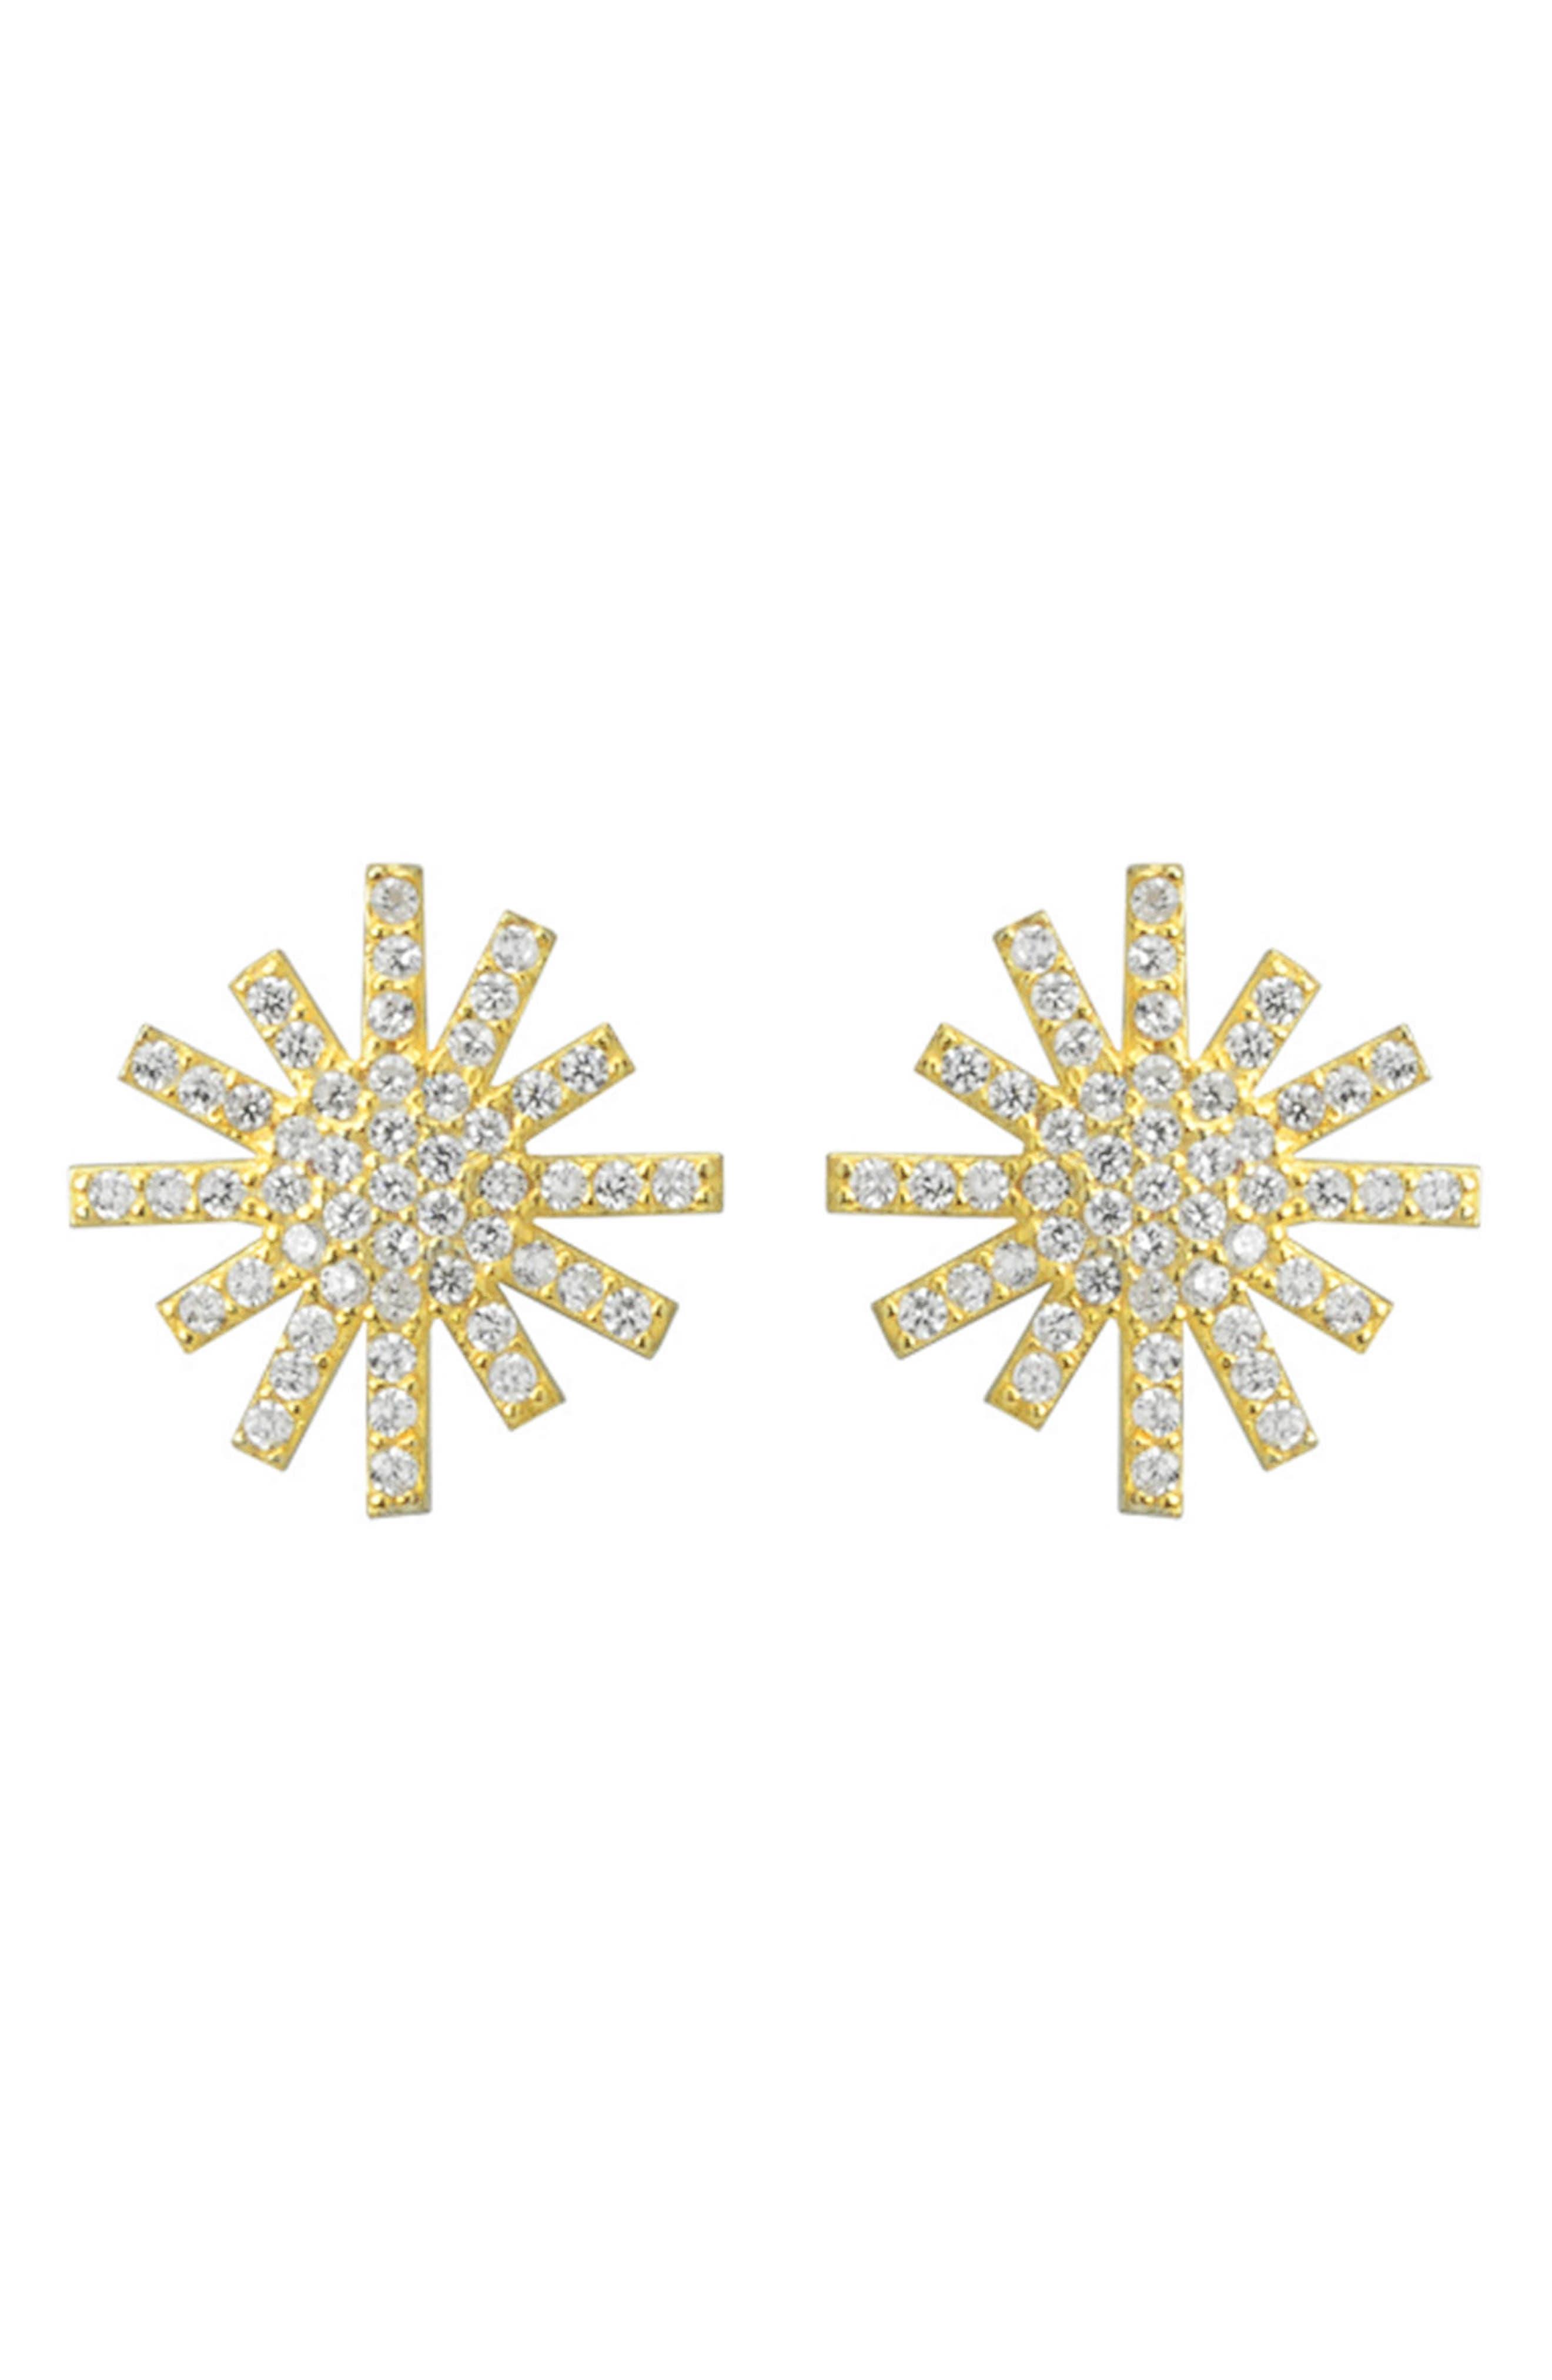 Starburst Stud Earrings,                         Main,                         color, 710